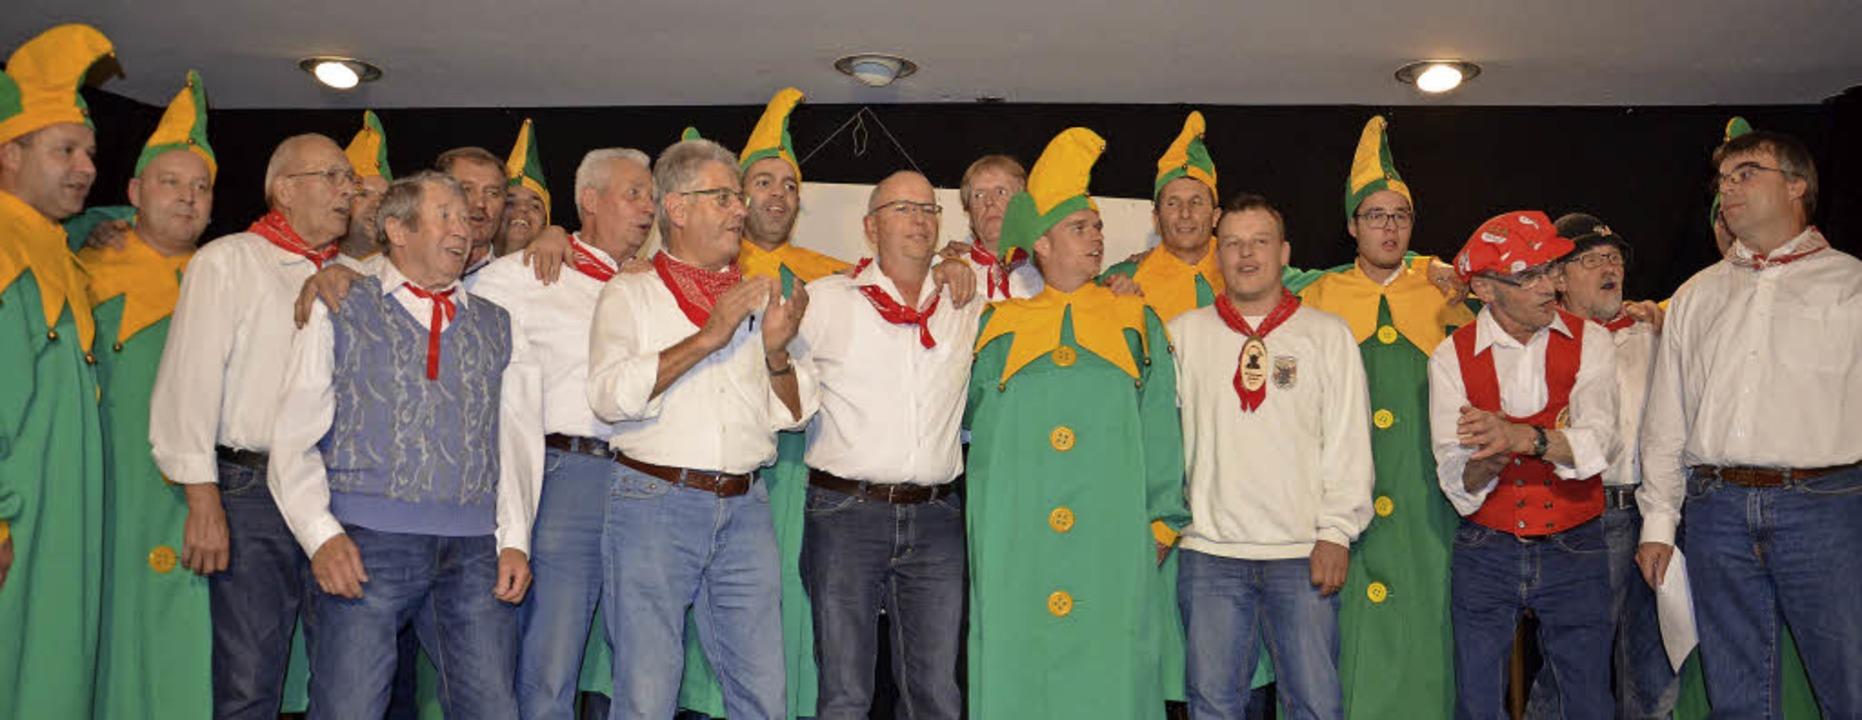 Überraschendes Duett: Zum ersten Mal s...dem Männergesangverein auf der Bühne.     Foto: Bär